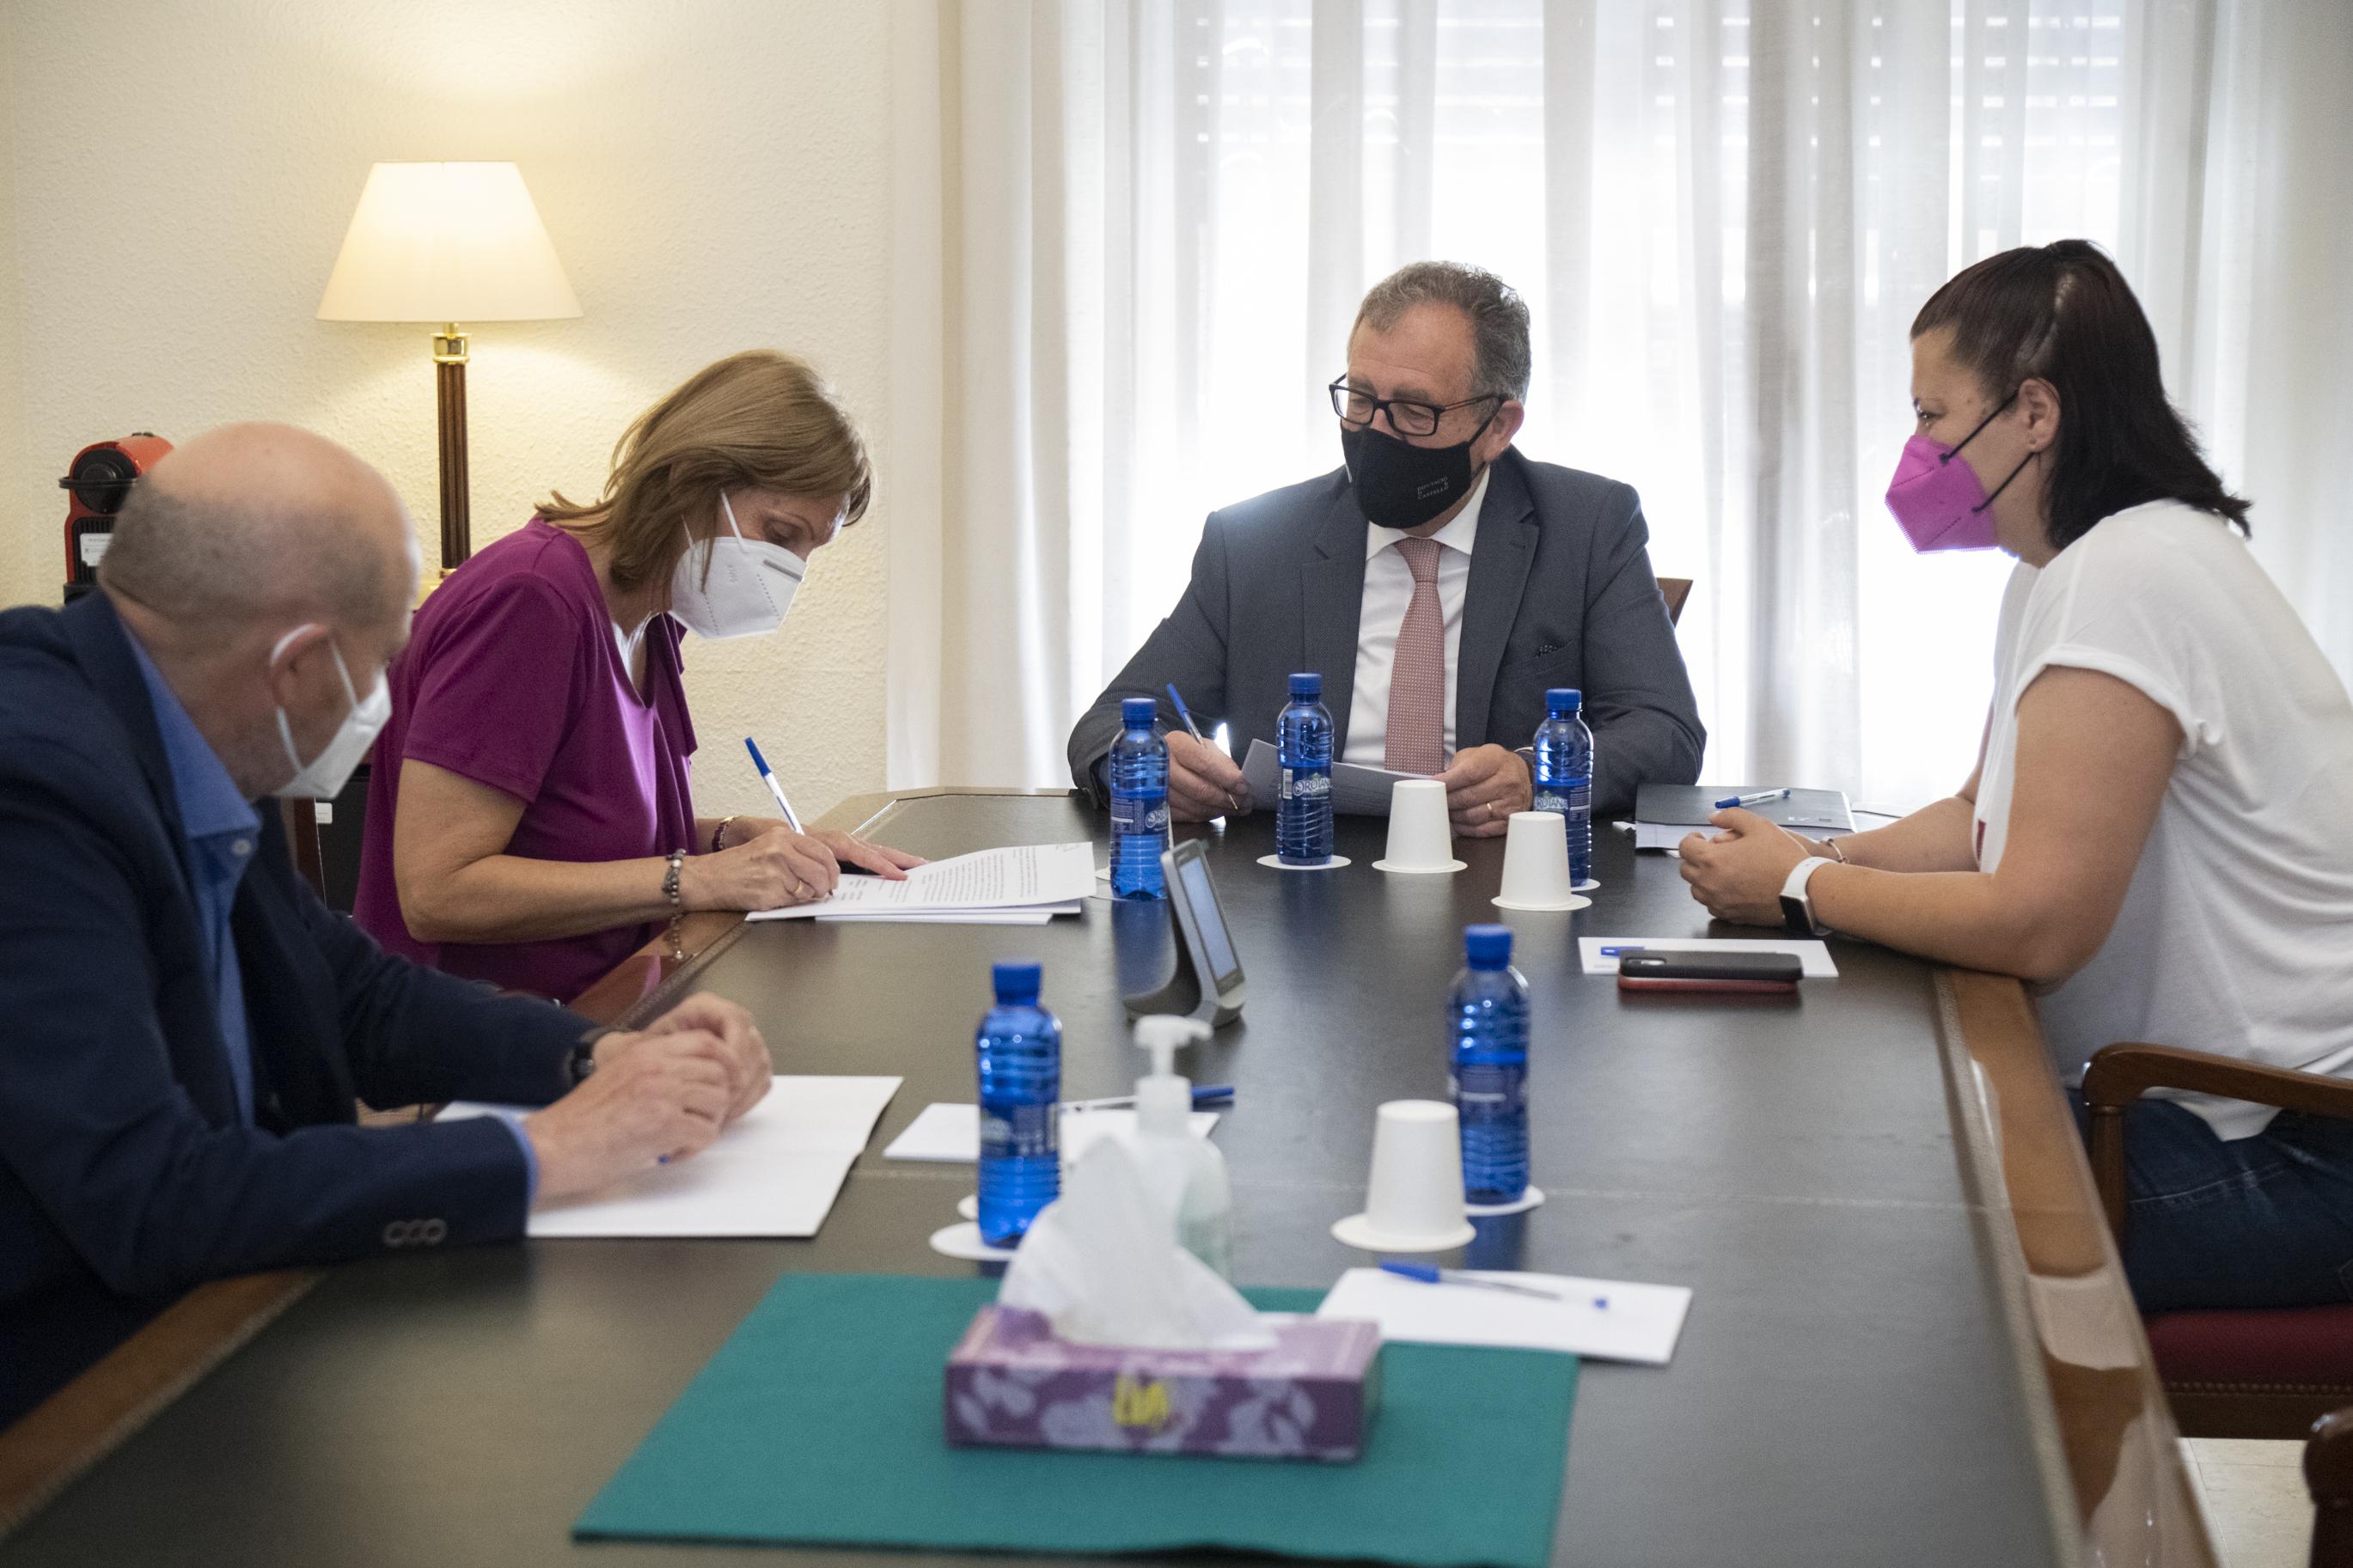 La Diputació contribueix amb 15 mil euros a la modernització del centre de teràpies de la Fundació Amigó